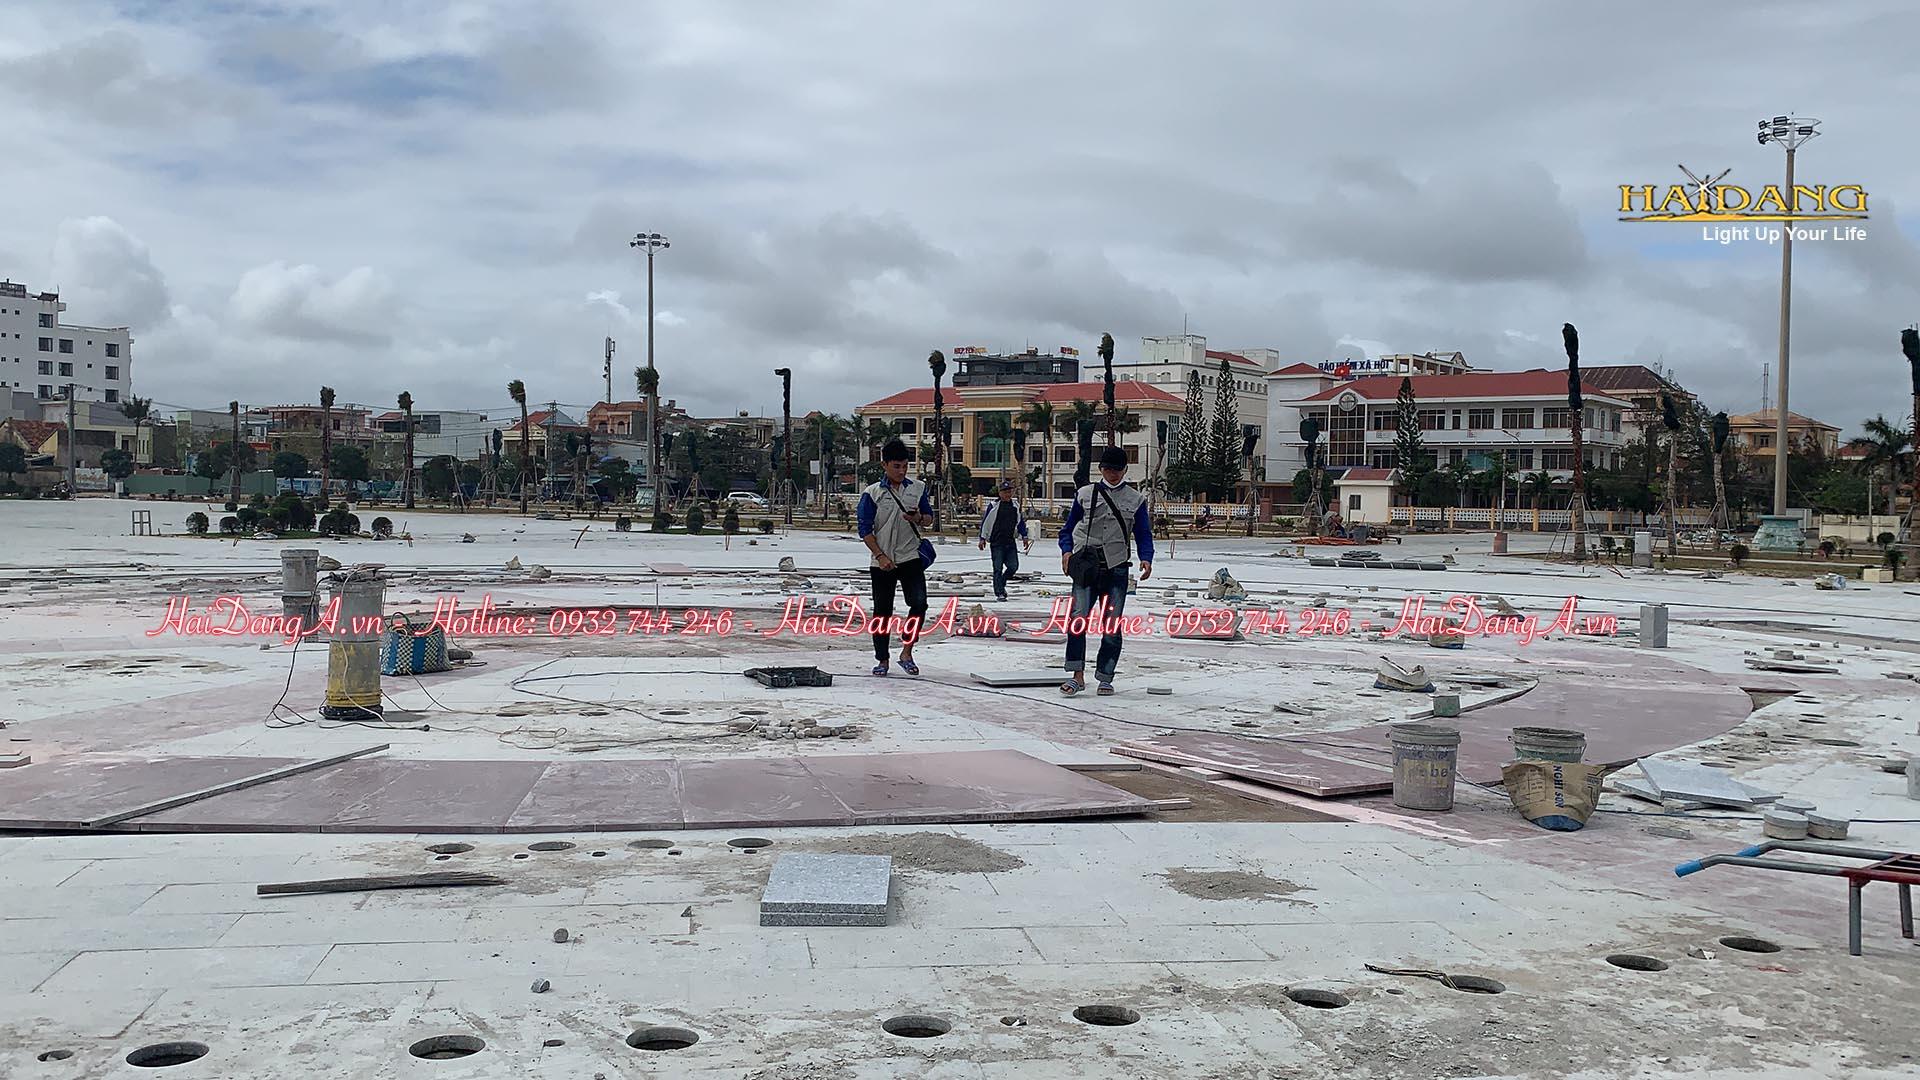 Nhân viên cty Hải Đăng thi công lắp đặt hệ thống nhạc nước âm sàn quảng trường 1-4